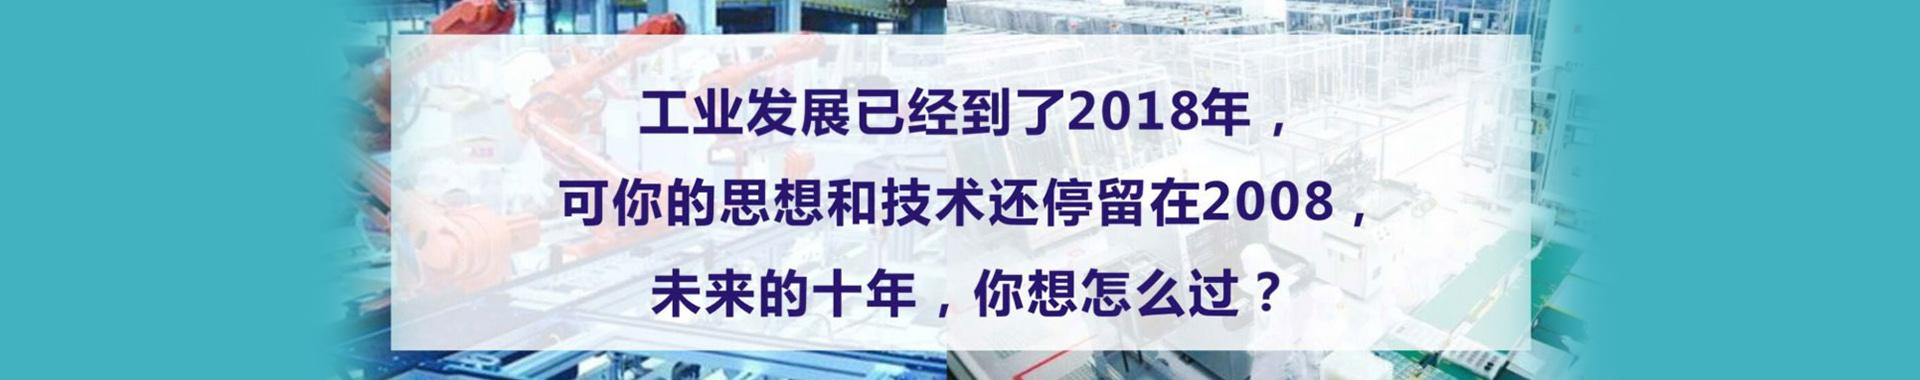 深圳海峰智能工控学院banner3